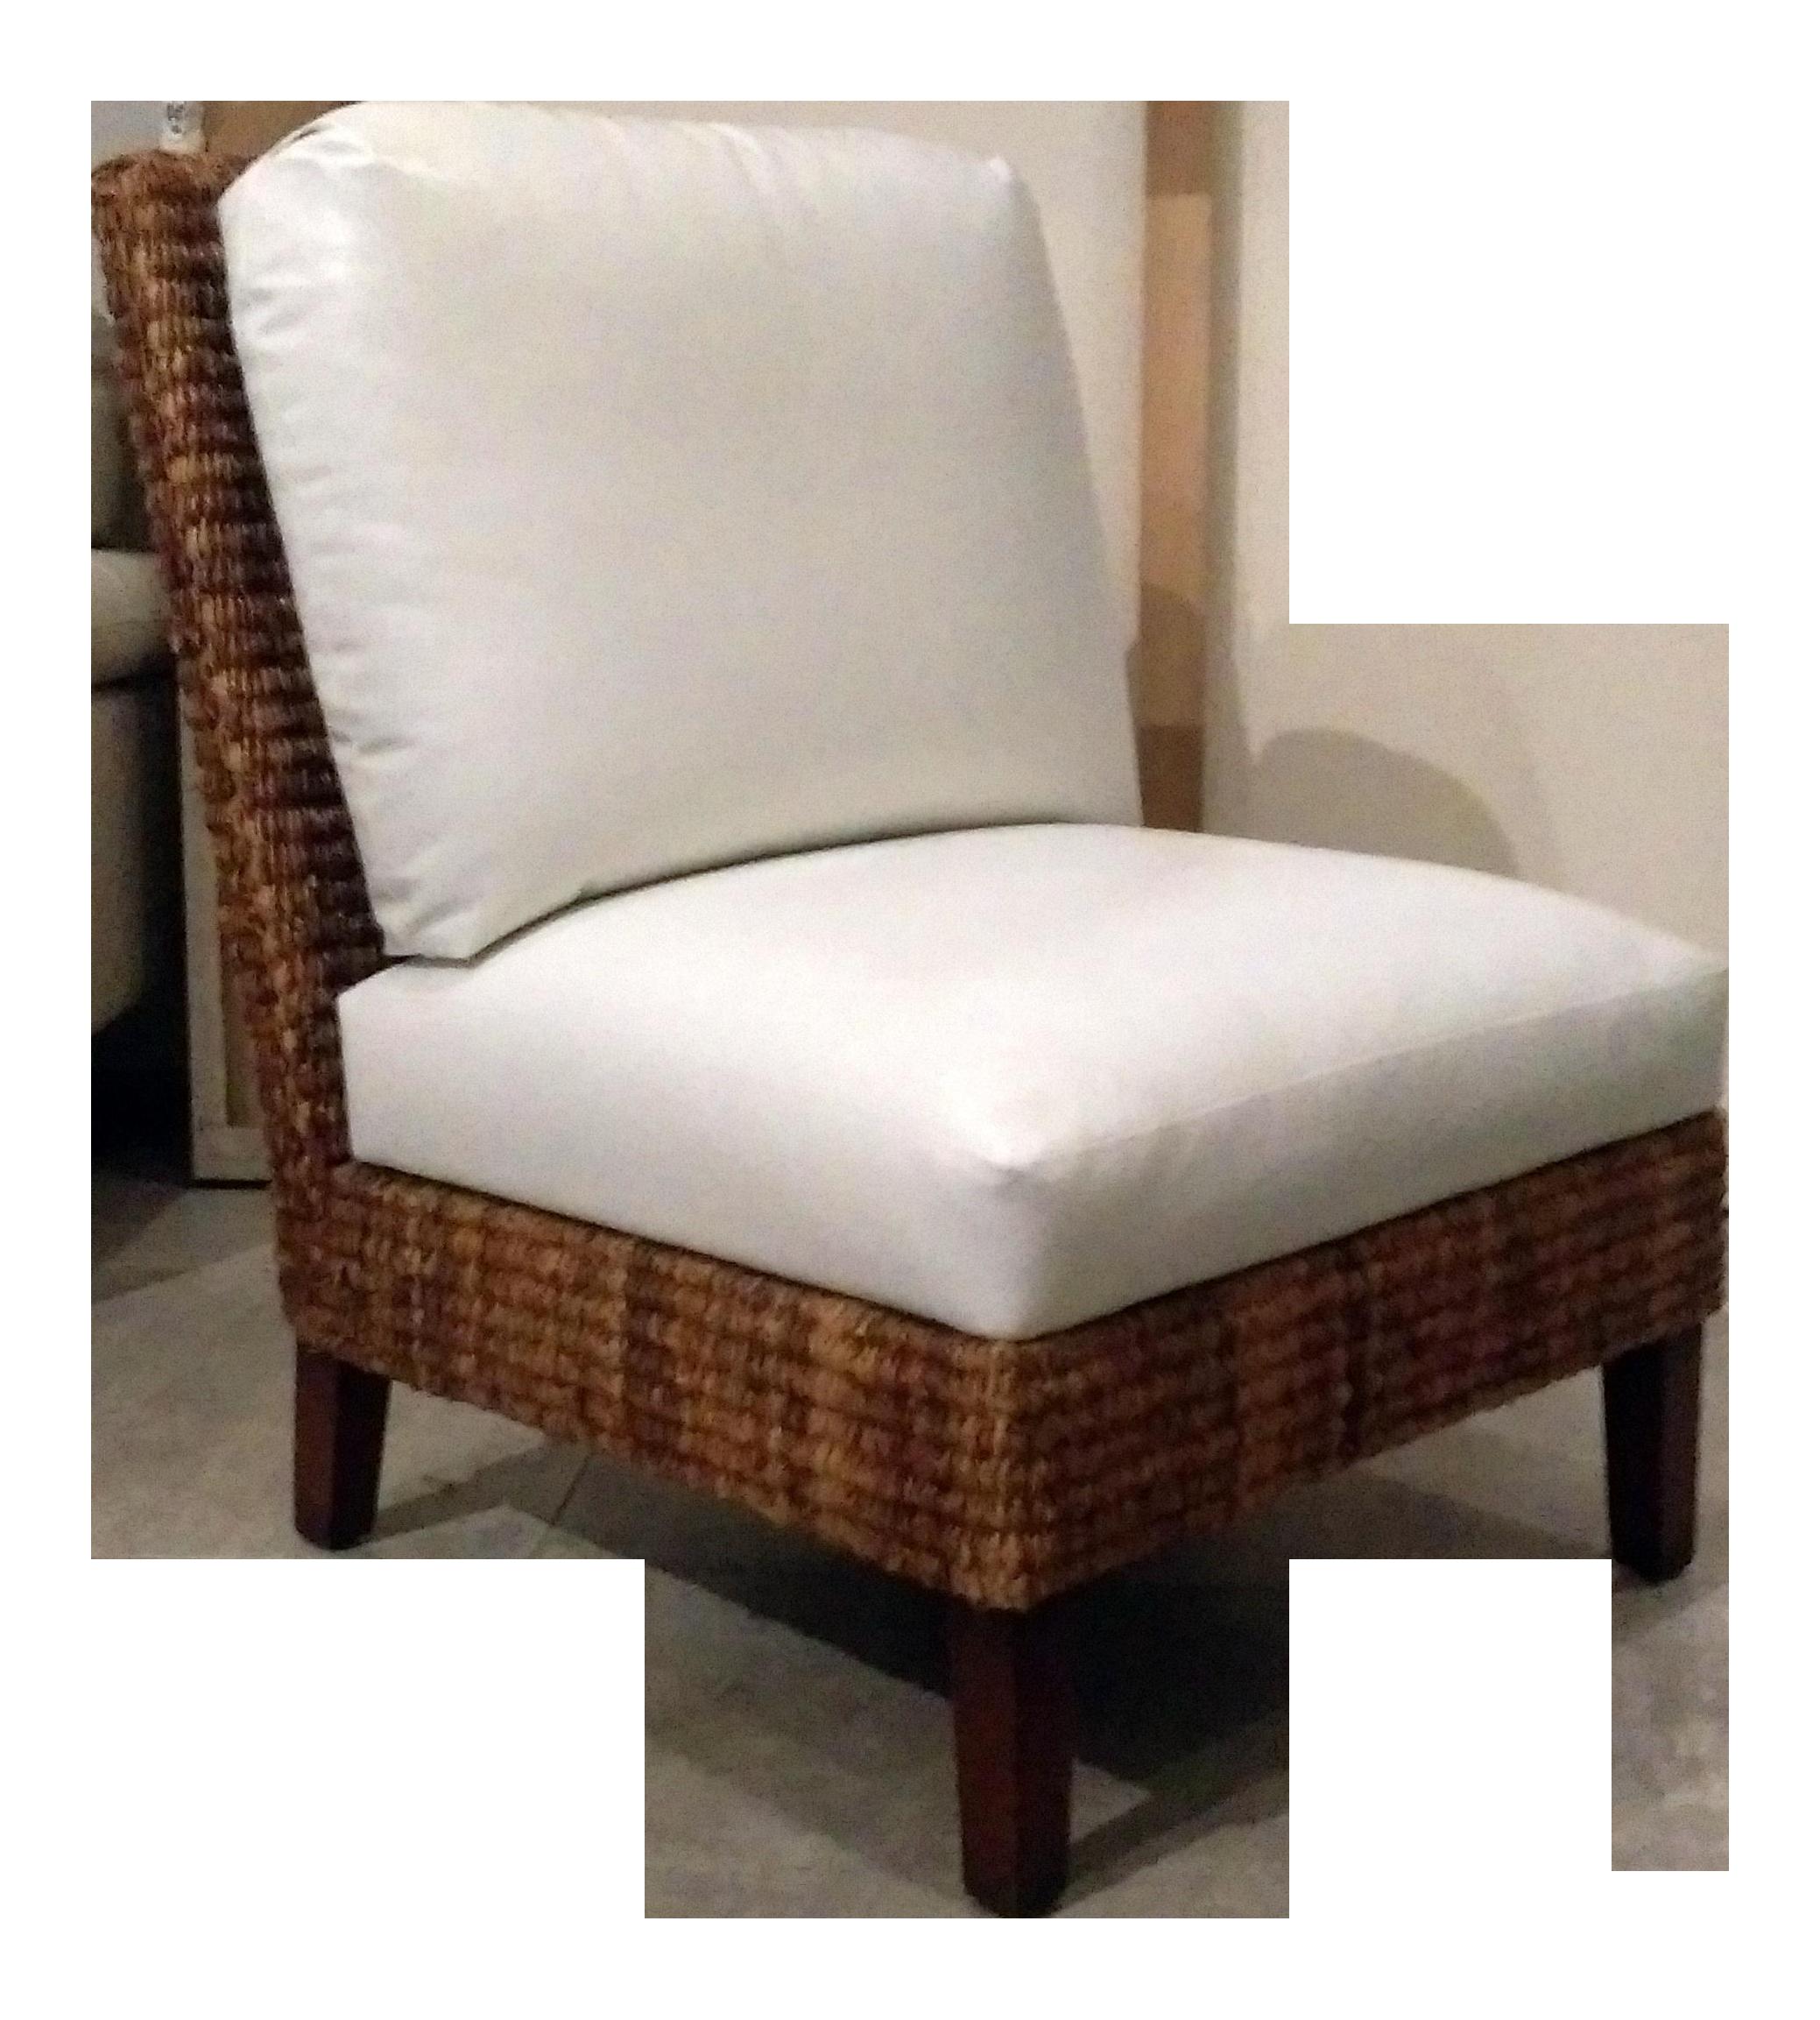 Palecek Havana Rattan Armless Chair